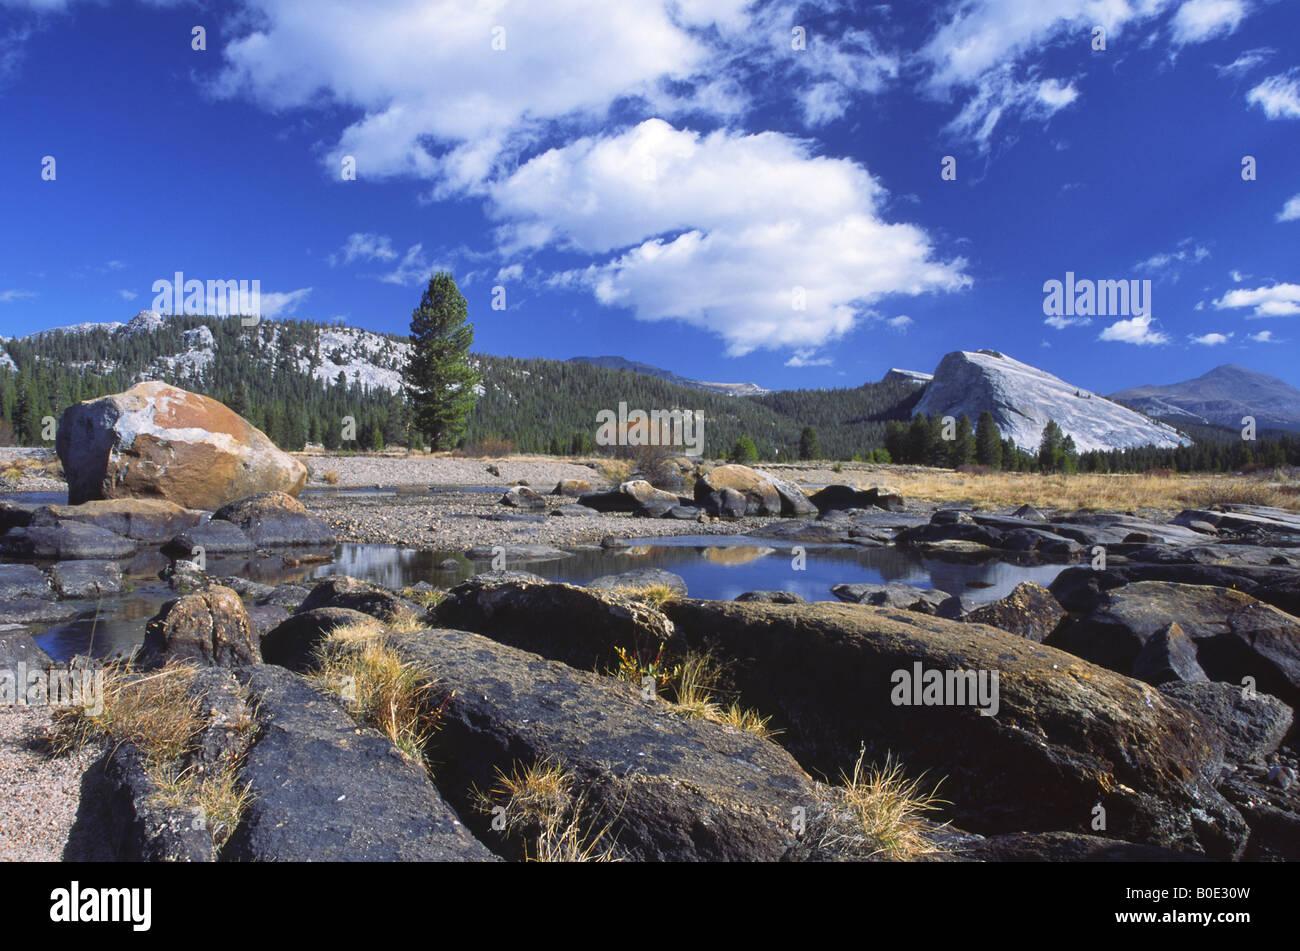 Poli par les rochers dans le Parc National de Yosemite, Californie Banque D'Images